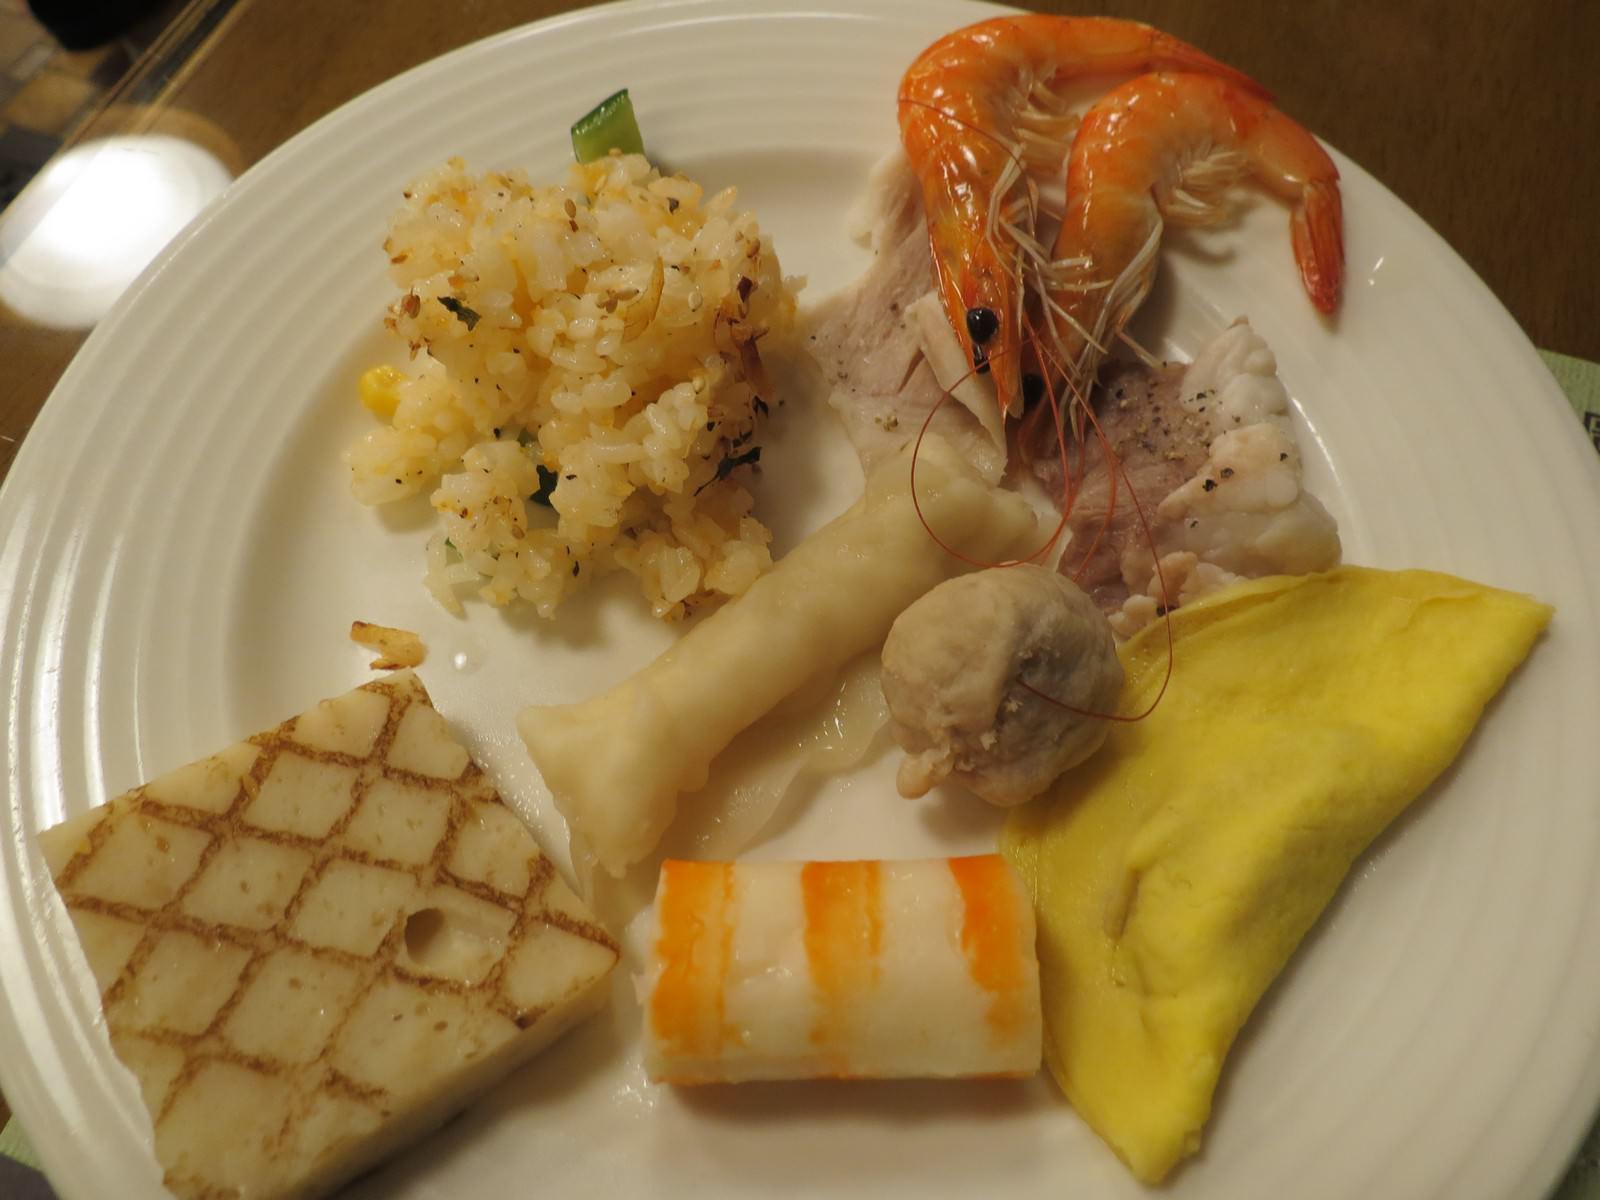 阿里山賓館, 餐廳介紹, 餐點體驗